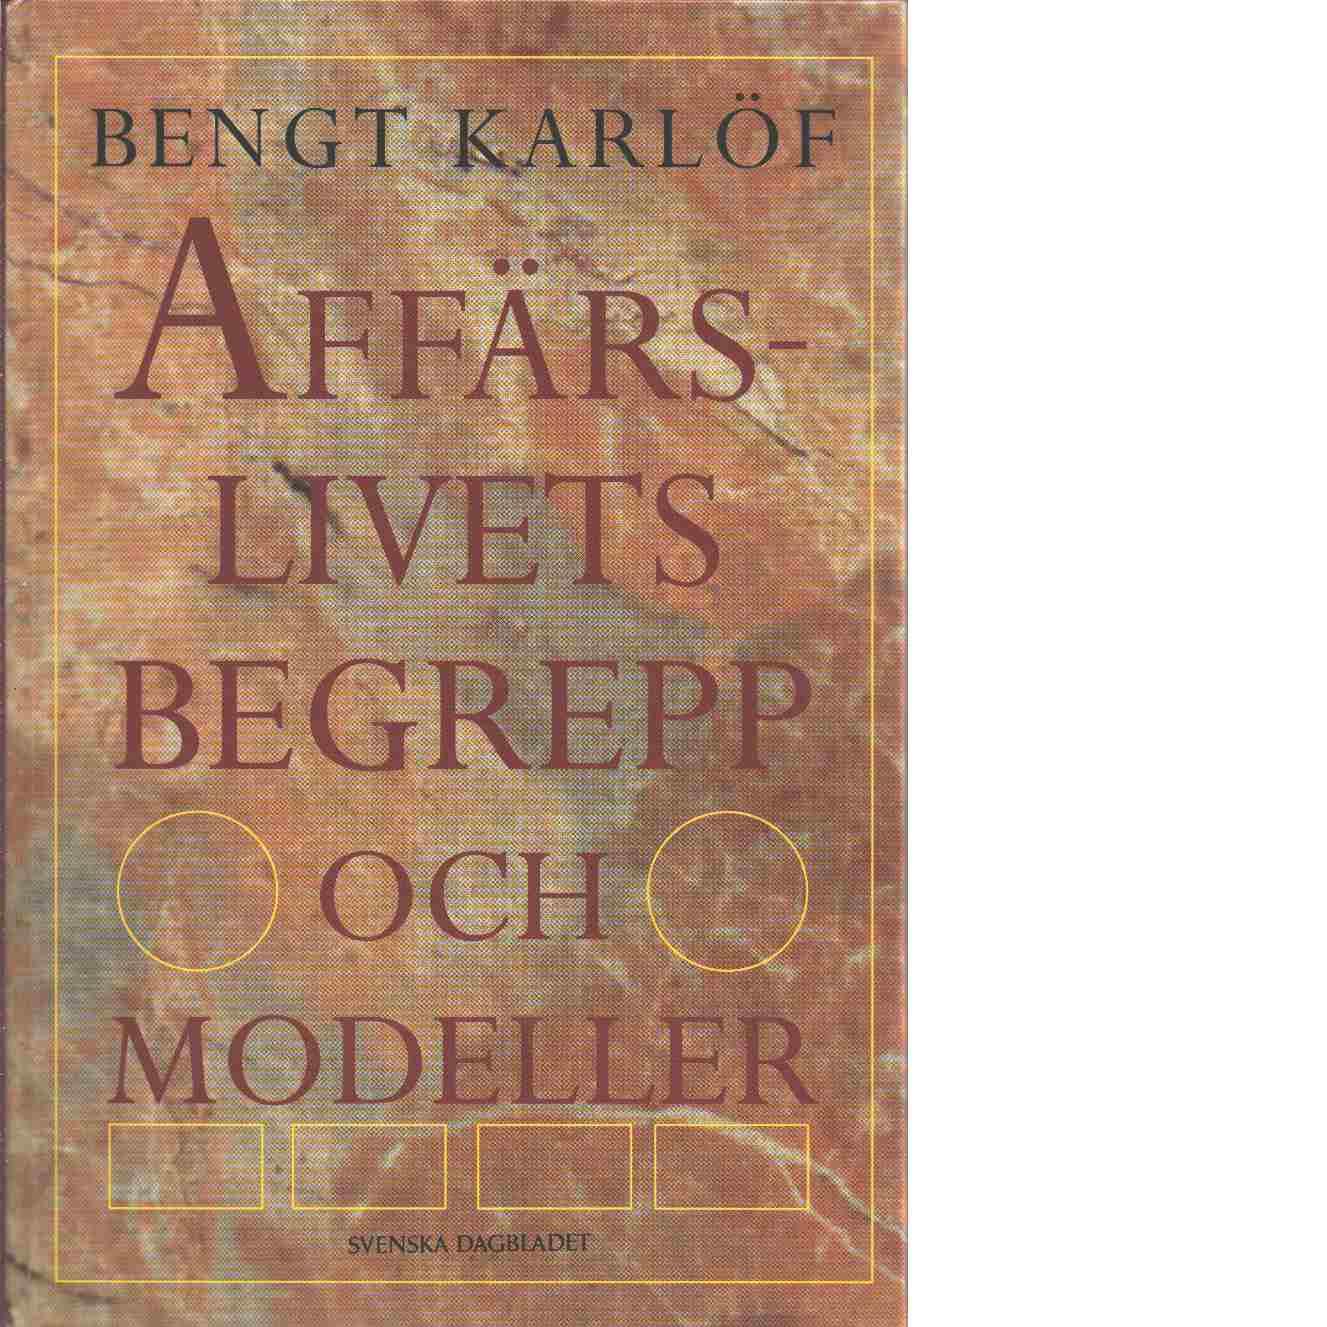 Affärslivets begrepp och modeller - Karlöf, Bengt